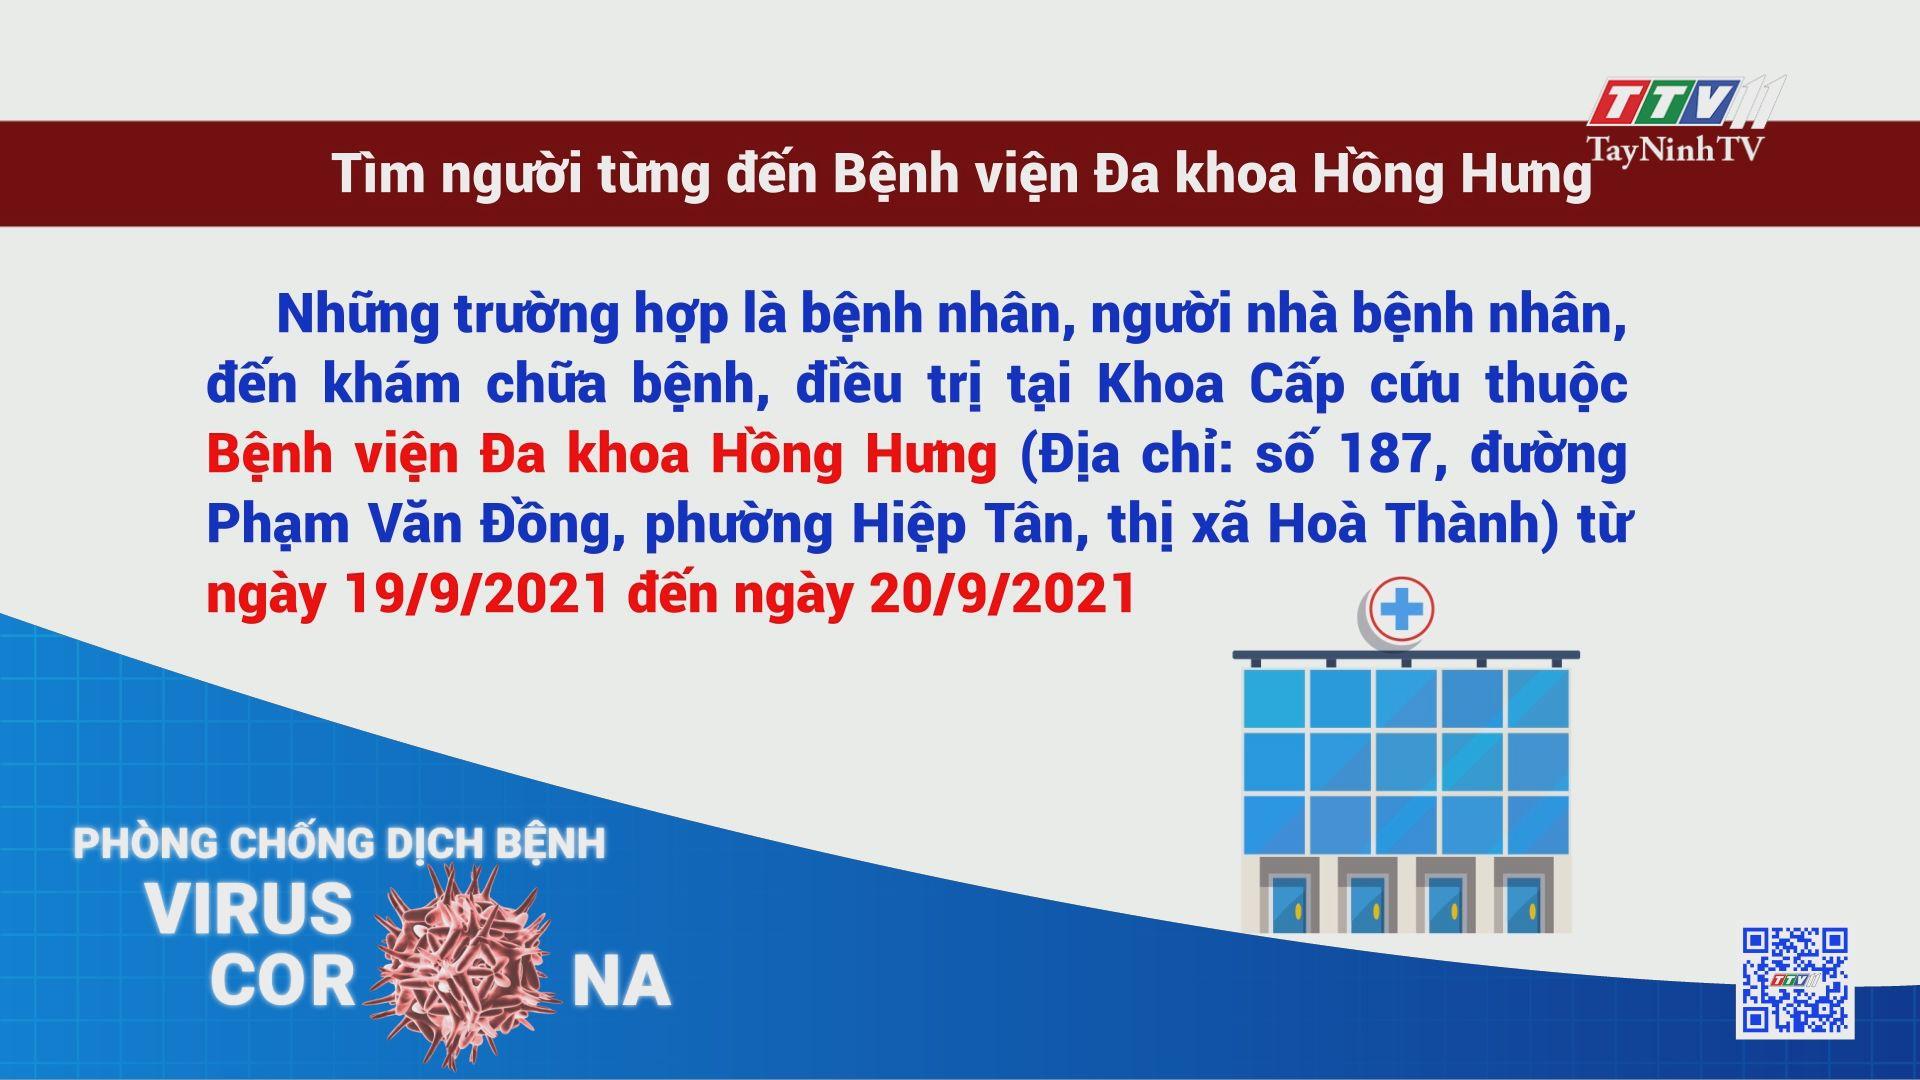 Tìm người từng đến Bệnh viện Đa khoa Hồng Hưng | THÔNG TIN DỊCH COVID-19 | TayNinhTV